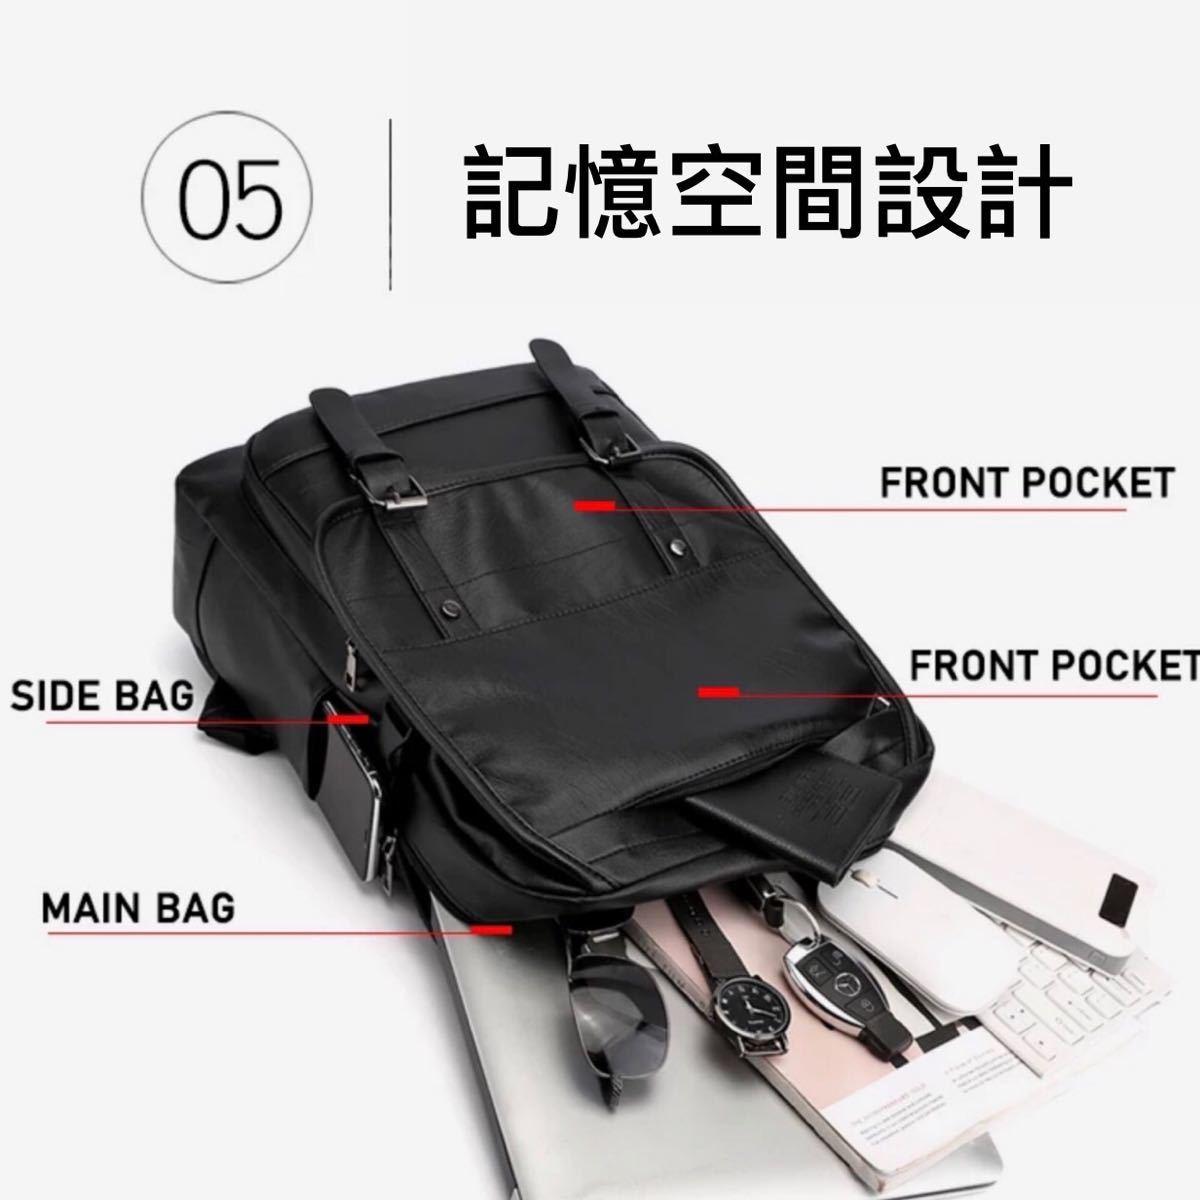 メンズ ビジネスリュック バックパック 大容量 防水 PCバッグ 多機能 高品質 出張バッグ